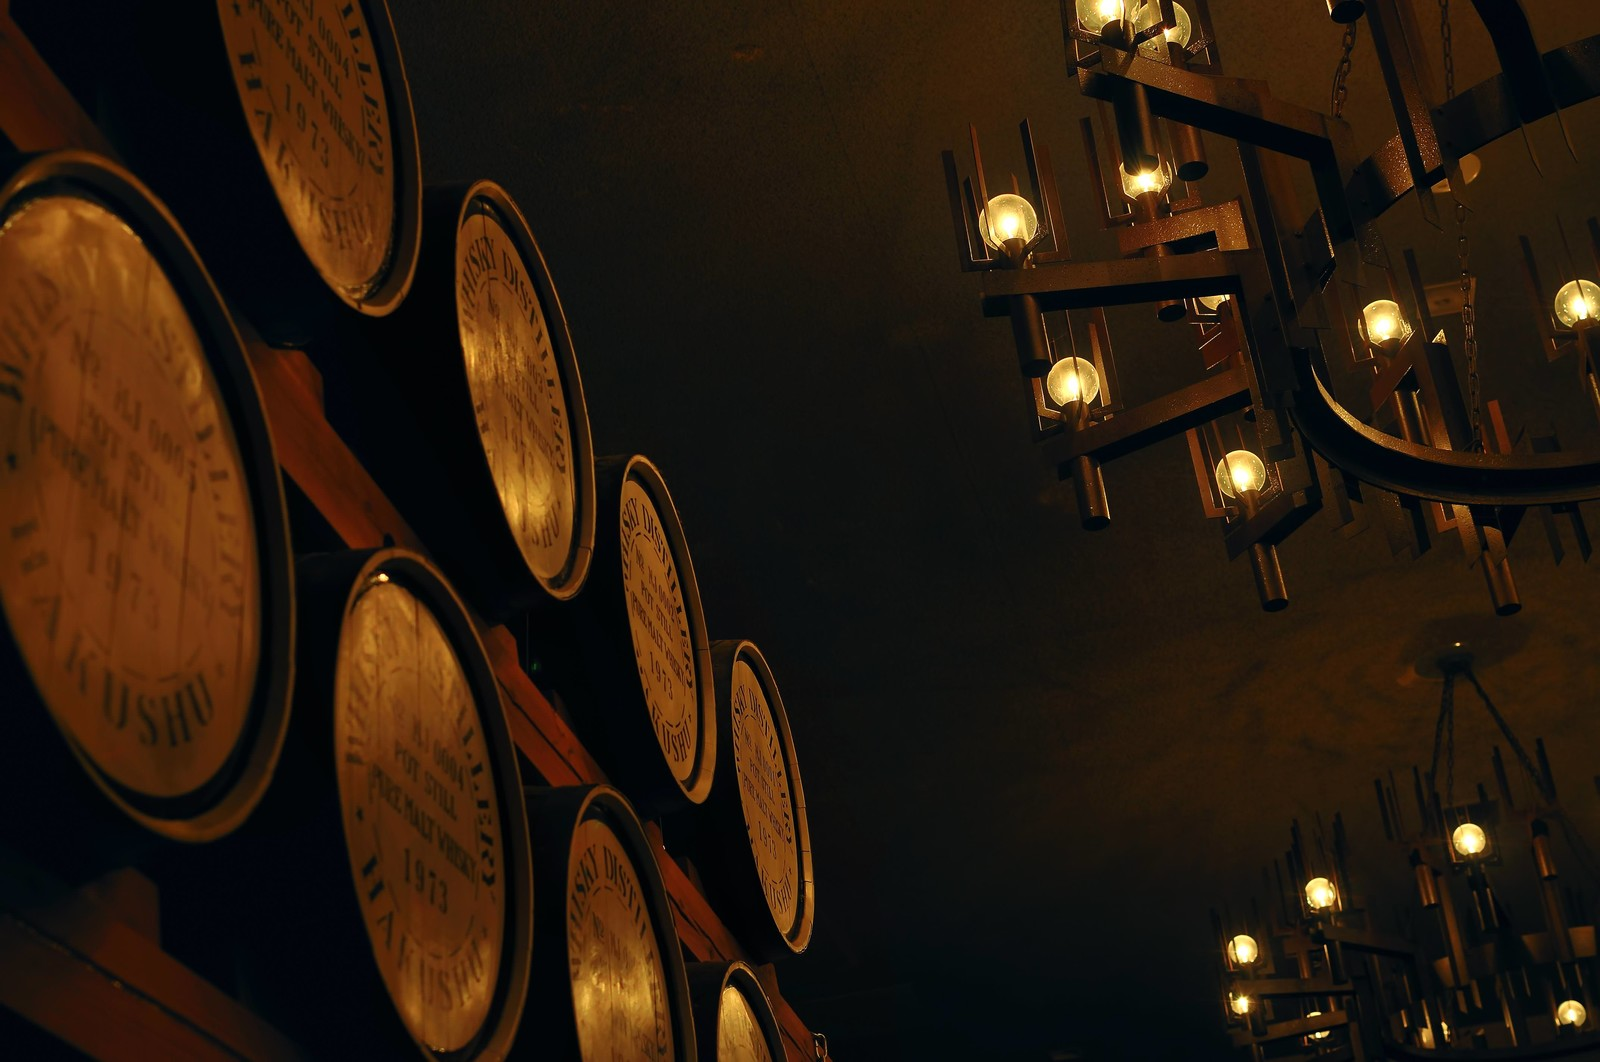 「積み重なったウィスキーの樽」の写真